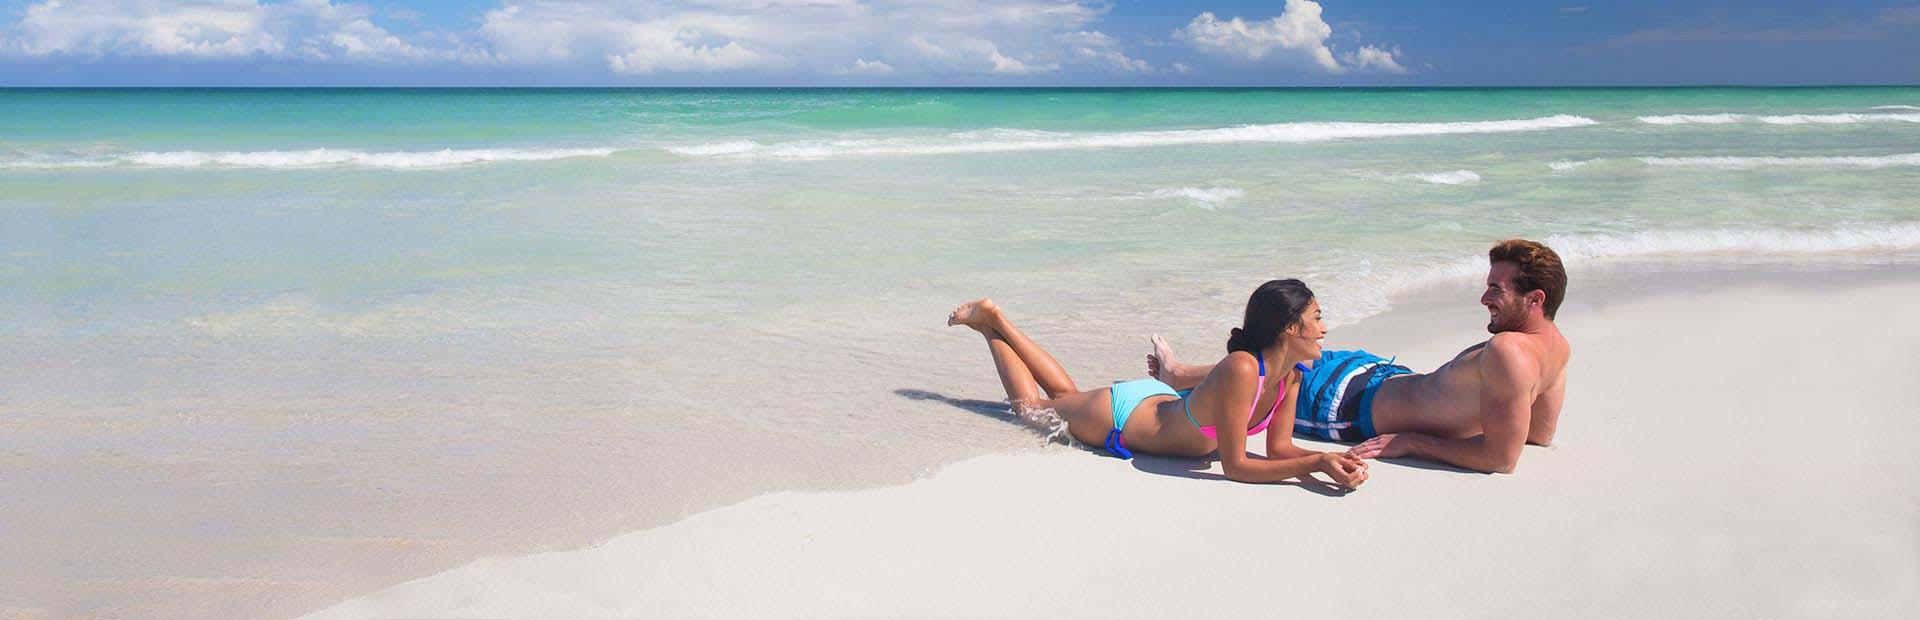 Varadero, La hermosa playa azul - Destinos de Cuba